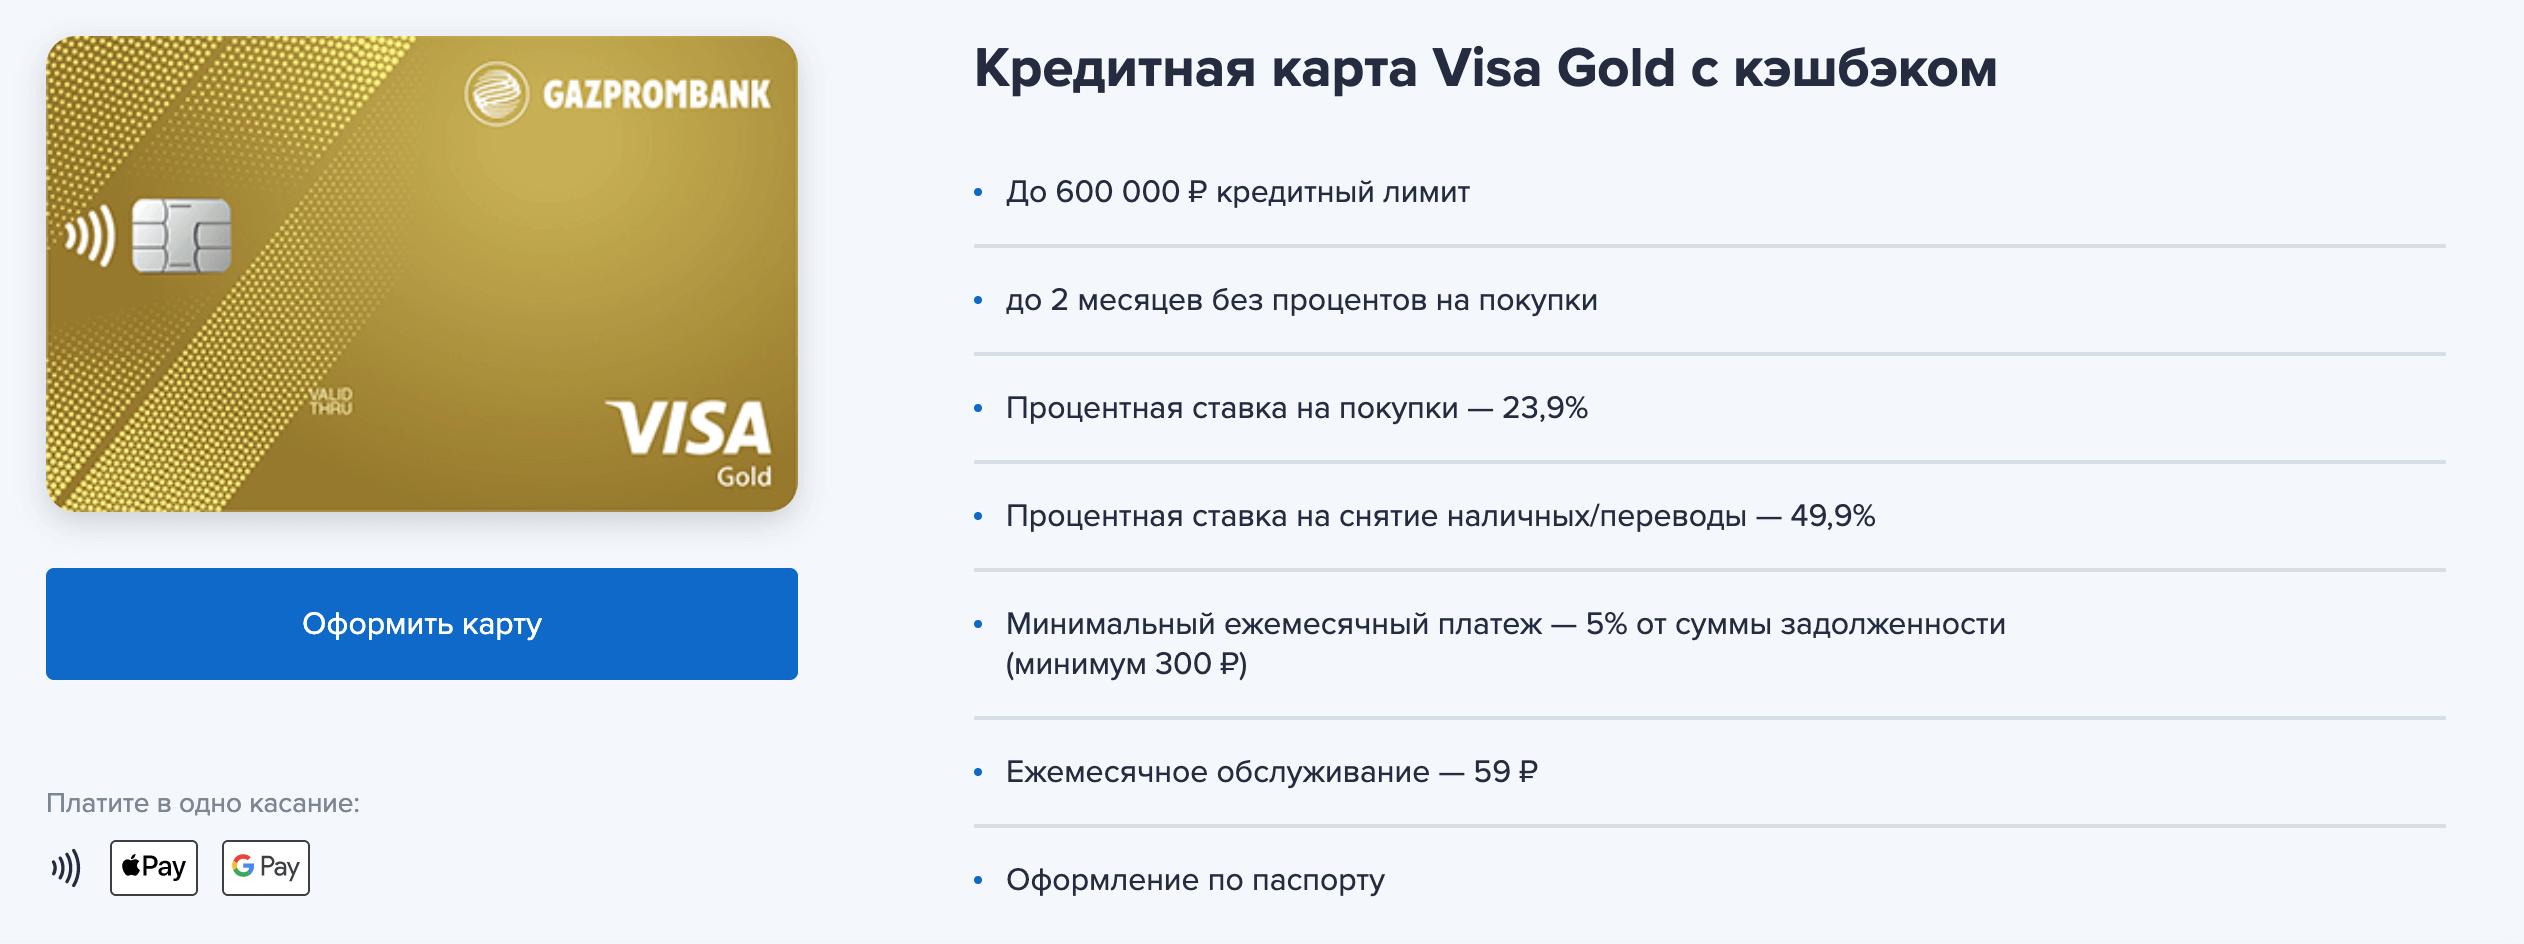 Оформить карту visa gold